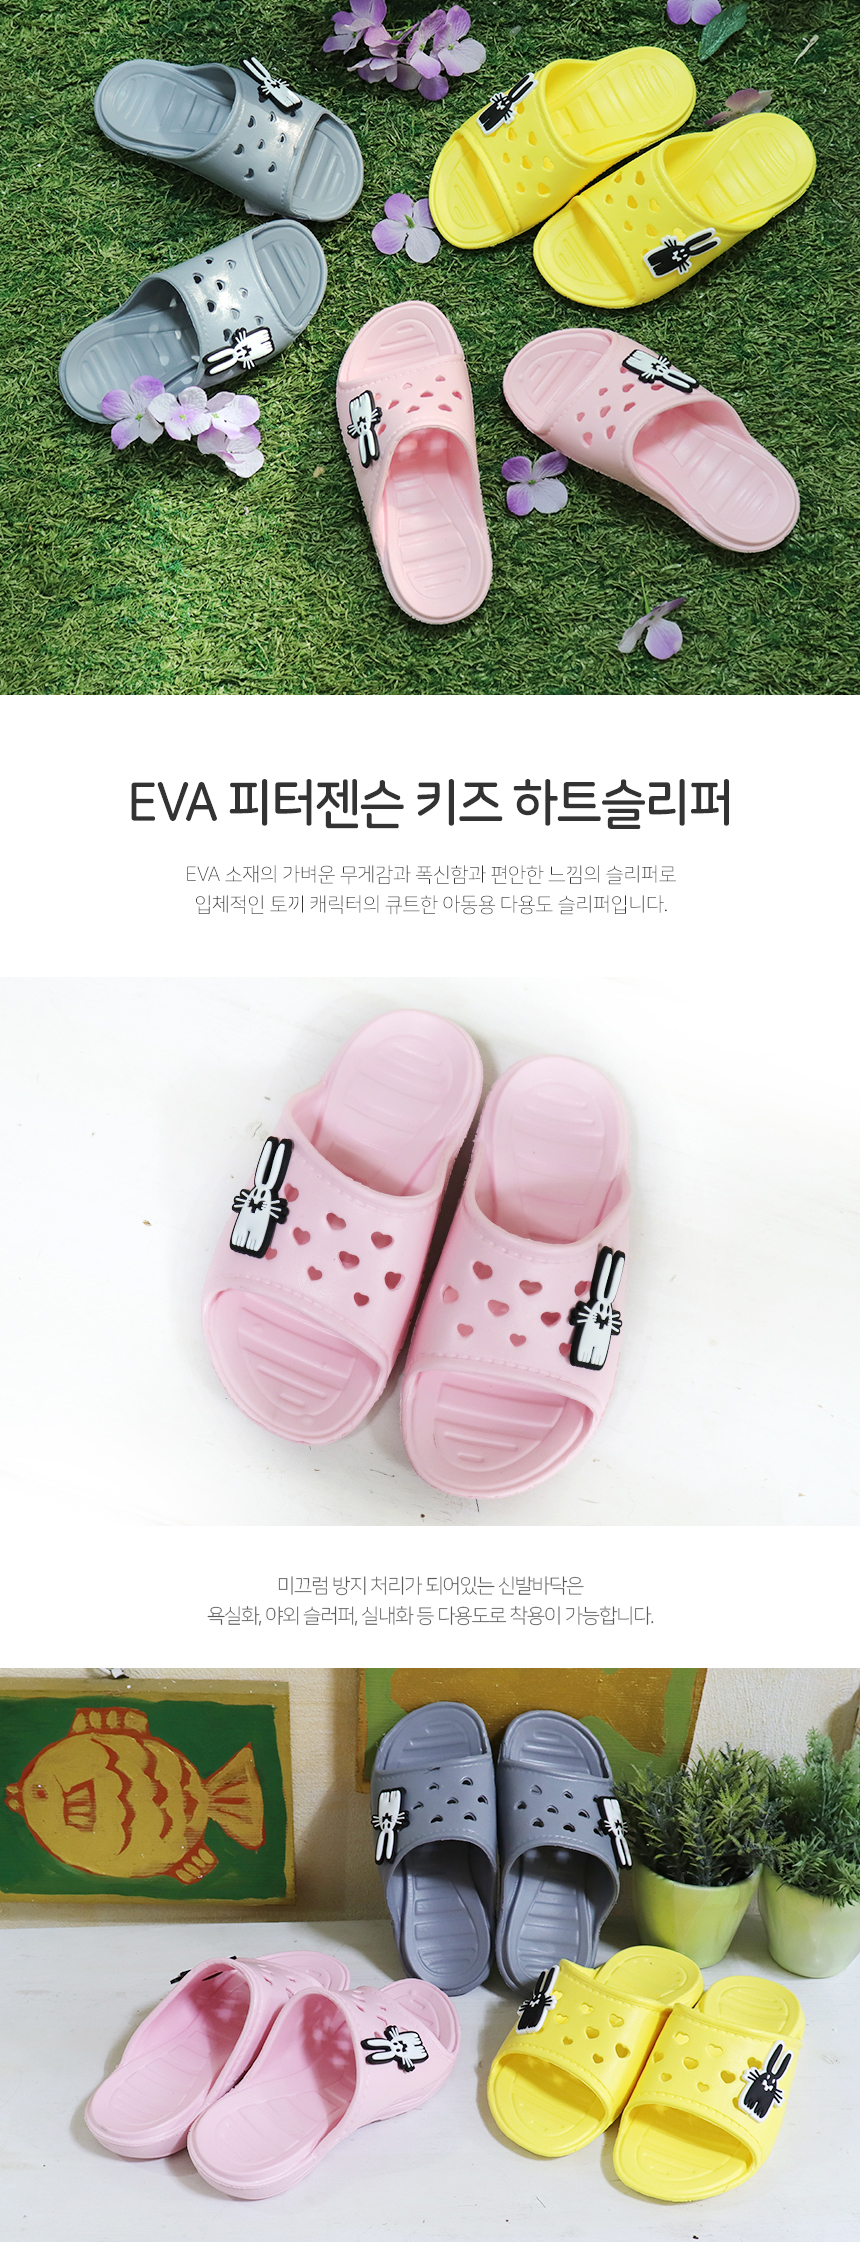 유아 아동 학생 실내화 EVA 피터젠슨 키즈 하트슬리퍼 - 더해피, 6,900원, 신발, 슬리퍼